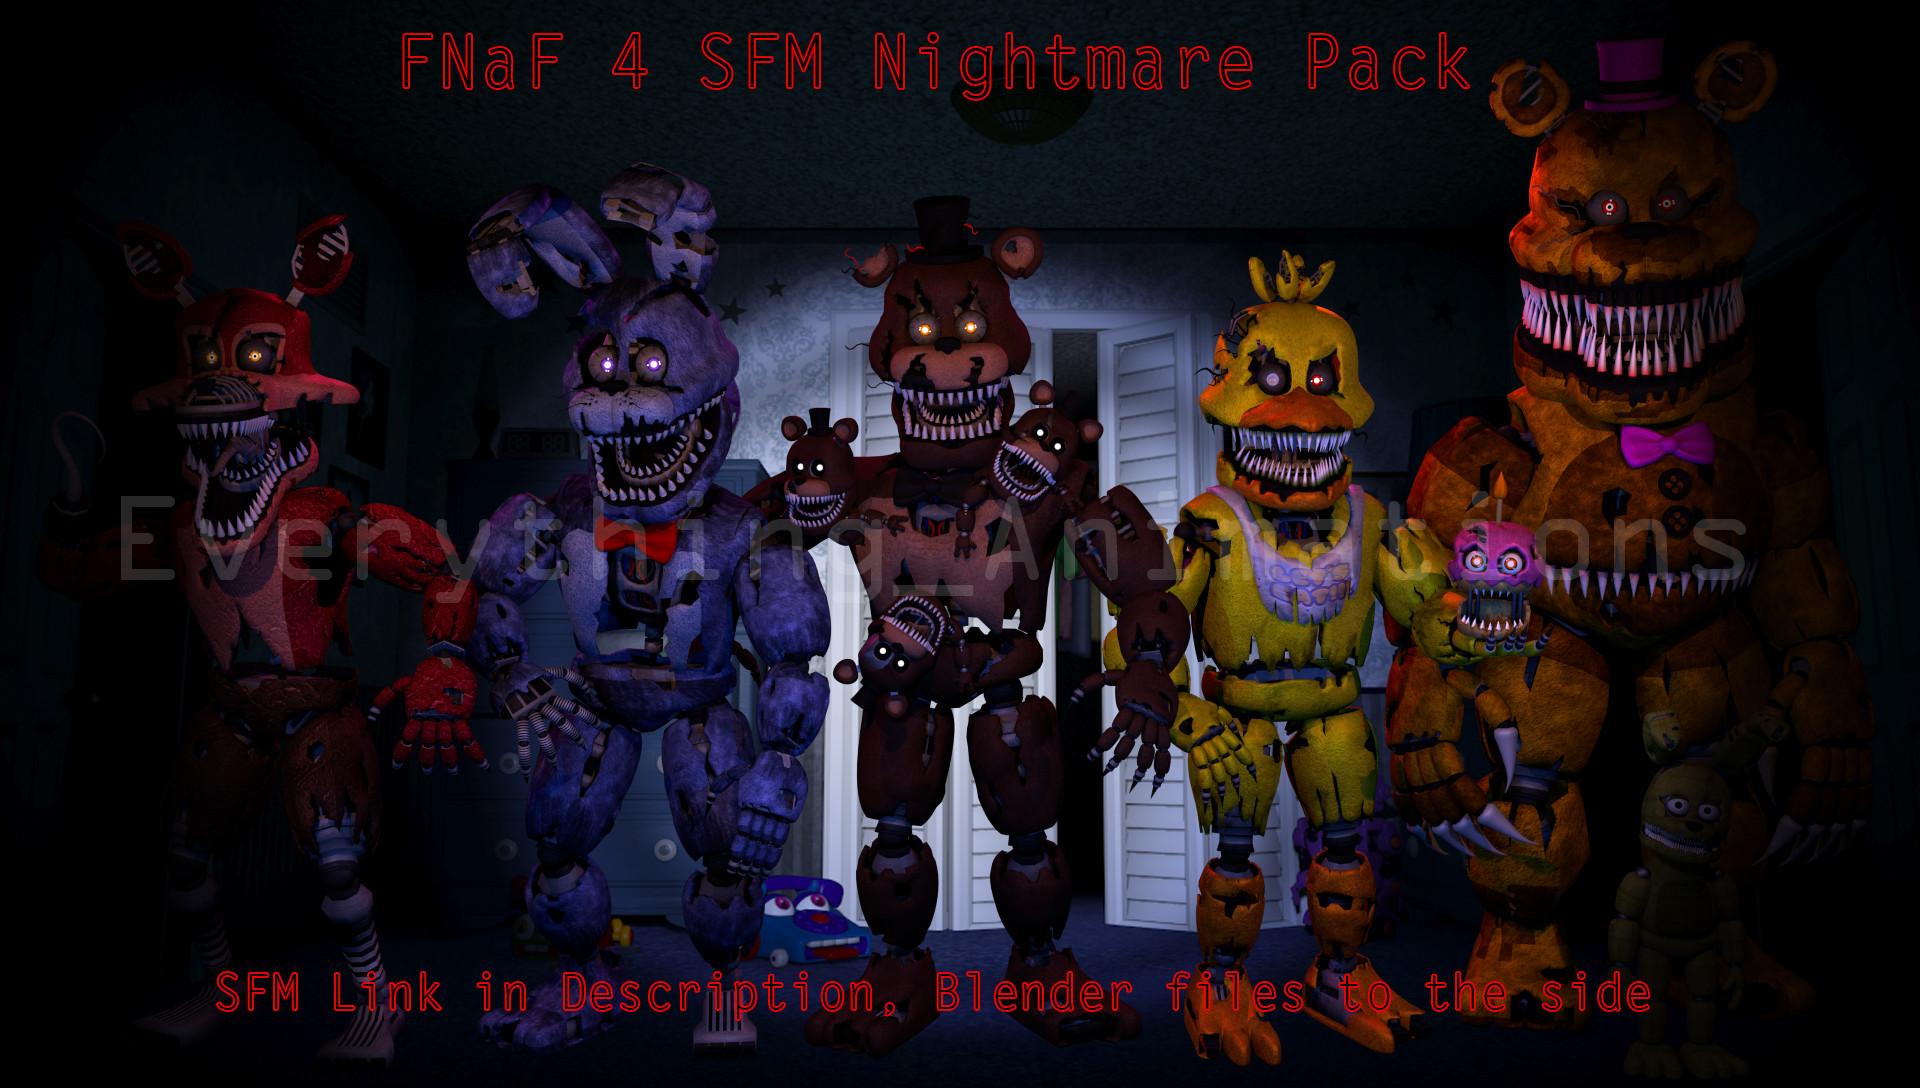 … FNaF 4 SFM Pack (SFM in des, .blend files to side) by